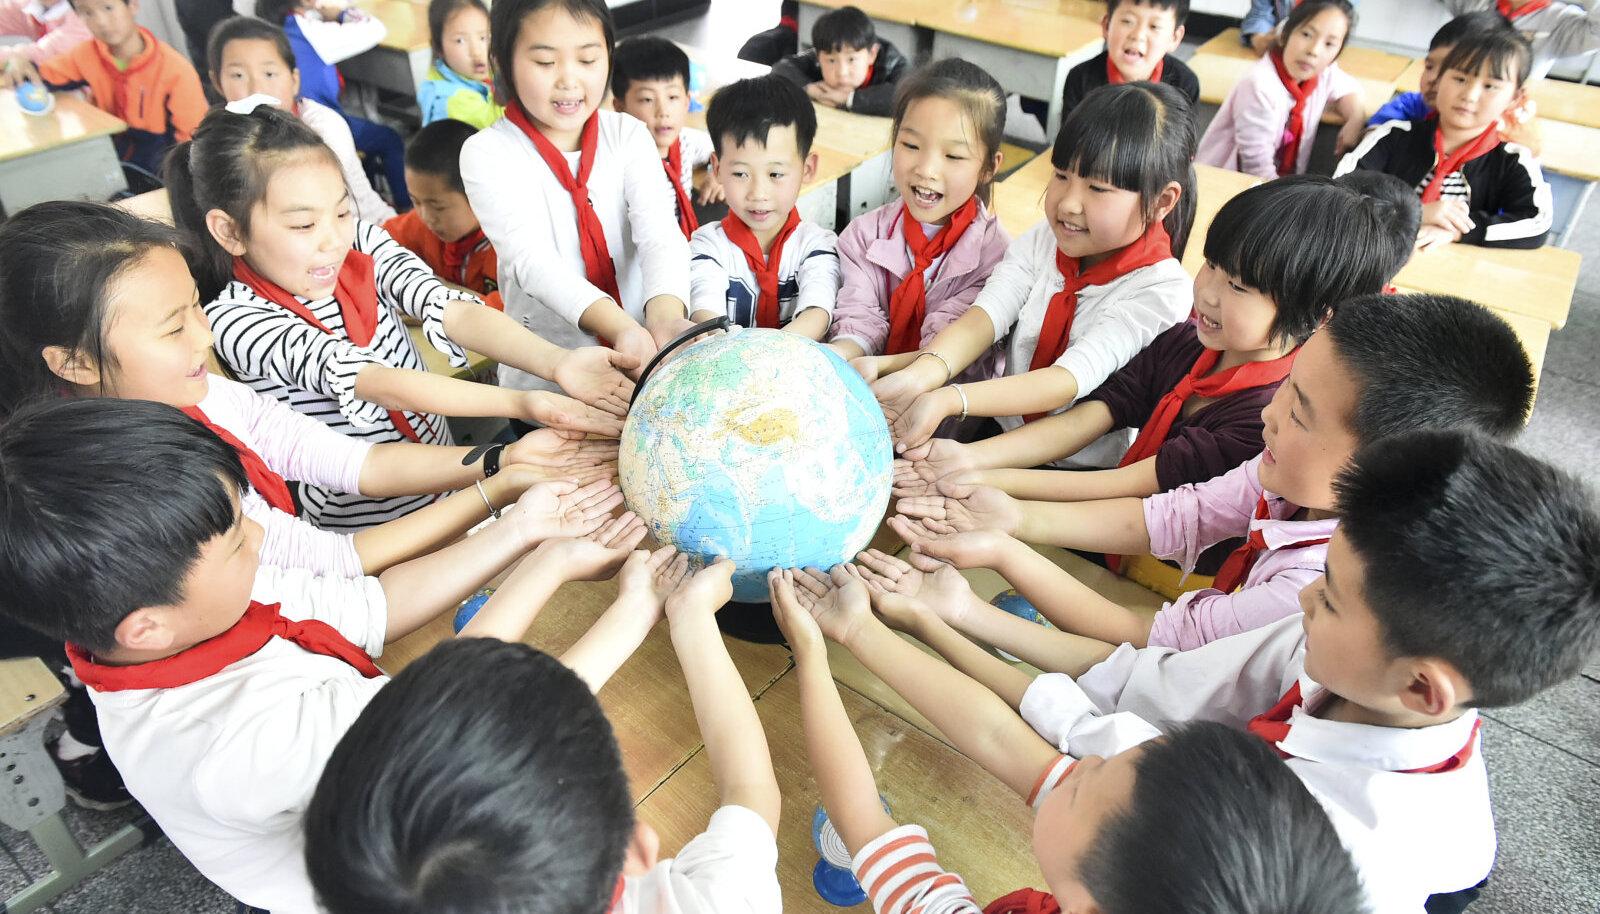 Hiina õpilased tähistavad koolis Maa päeva